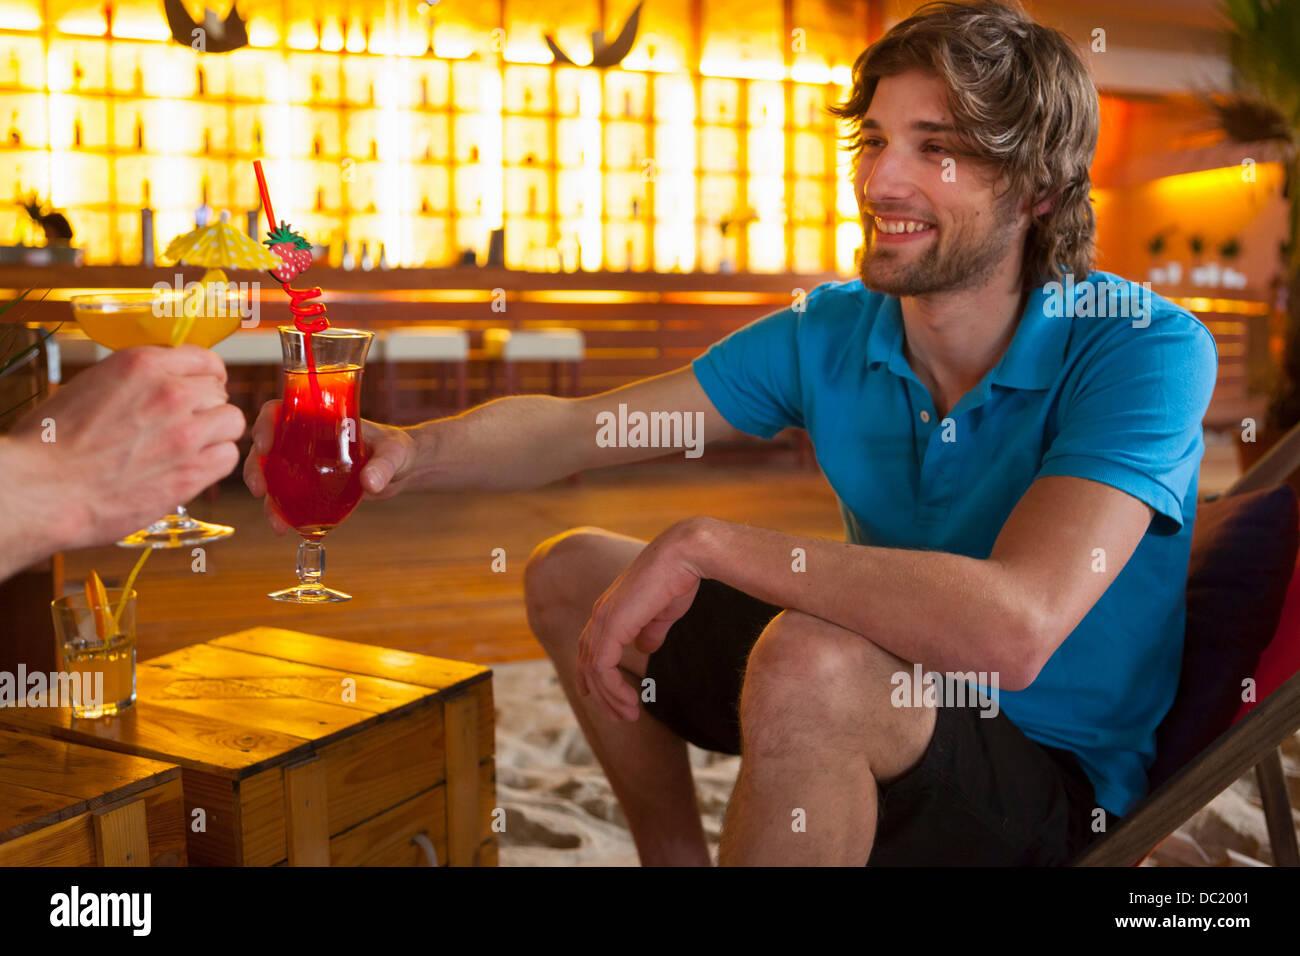 Le partage d'amis des cocktails au bar Banque D'Images